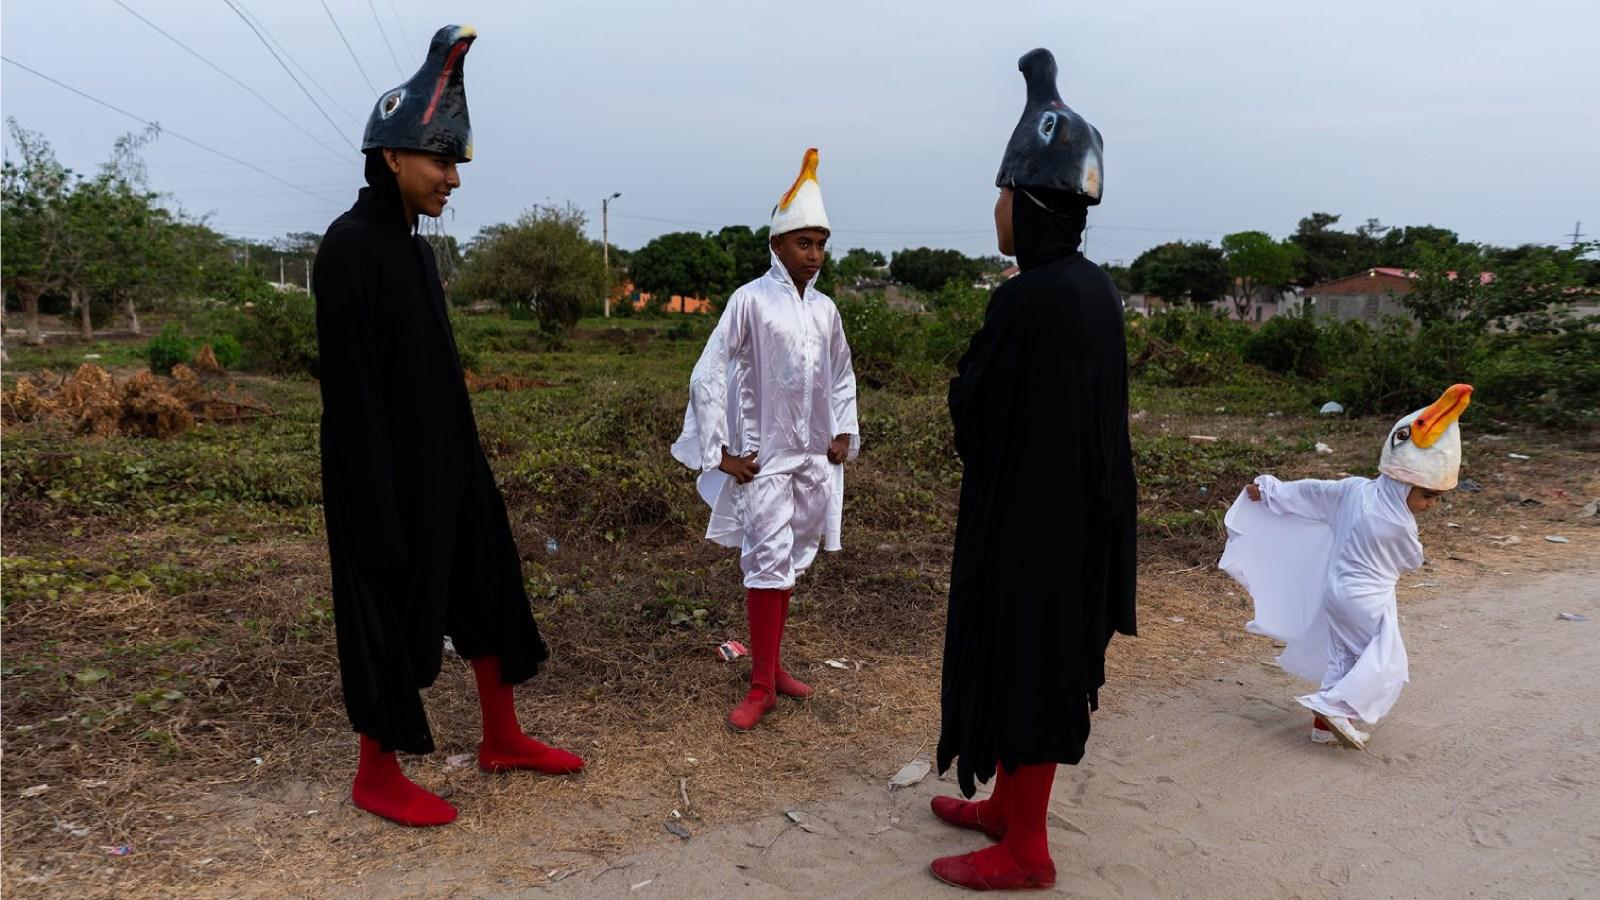 ladob/atlantico/los-goleros-la-danza-campesina-que-cumple-un-siglo-en-el-carnaval-de-barranquilla